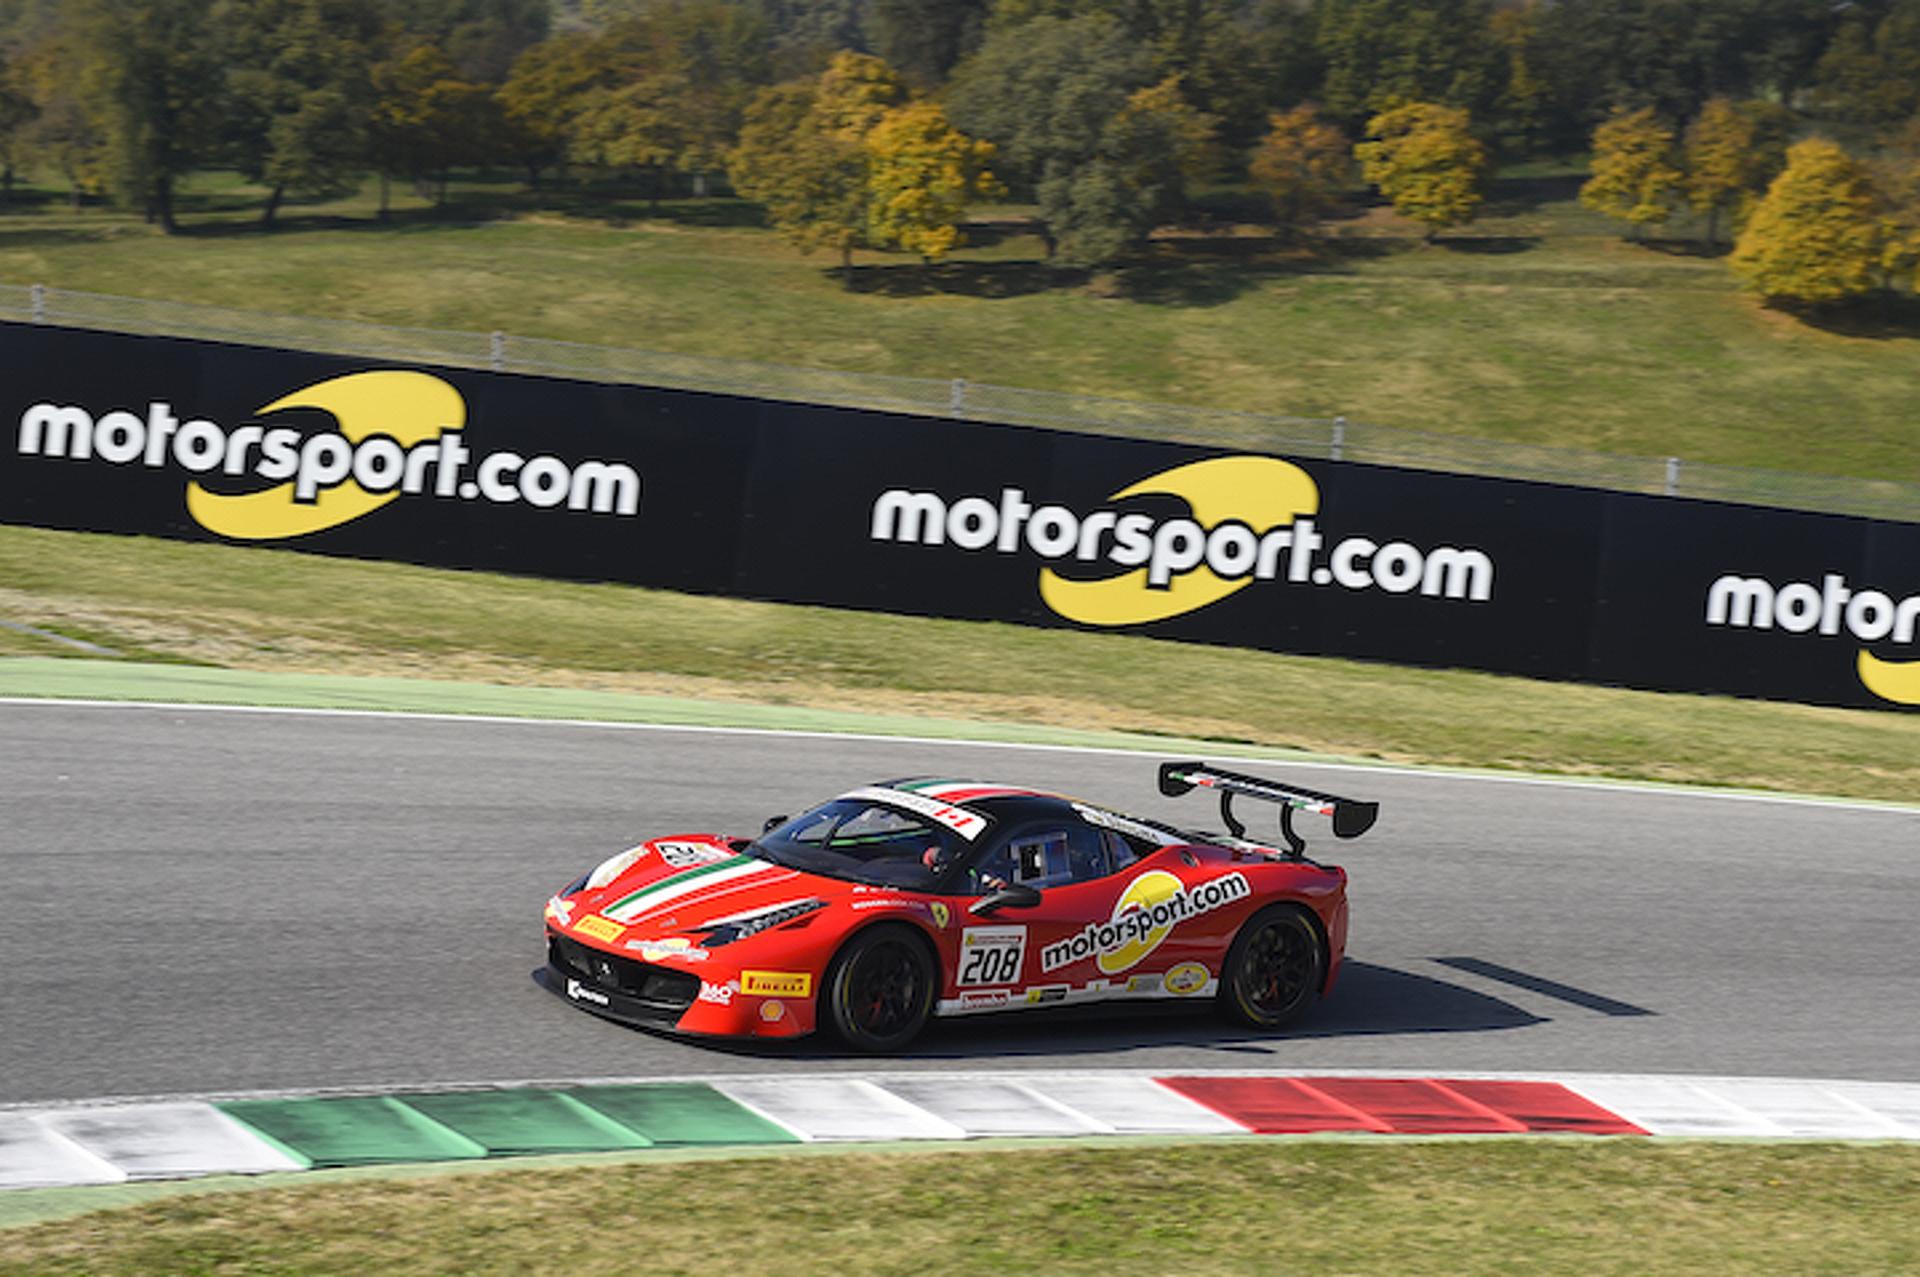 Motorsport.com Announces Acquisition of World's Largest Online Ferrari Community, FerrariChat.com